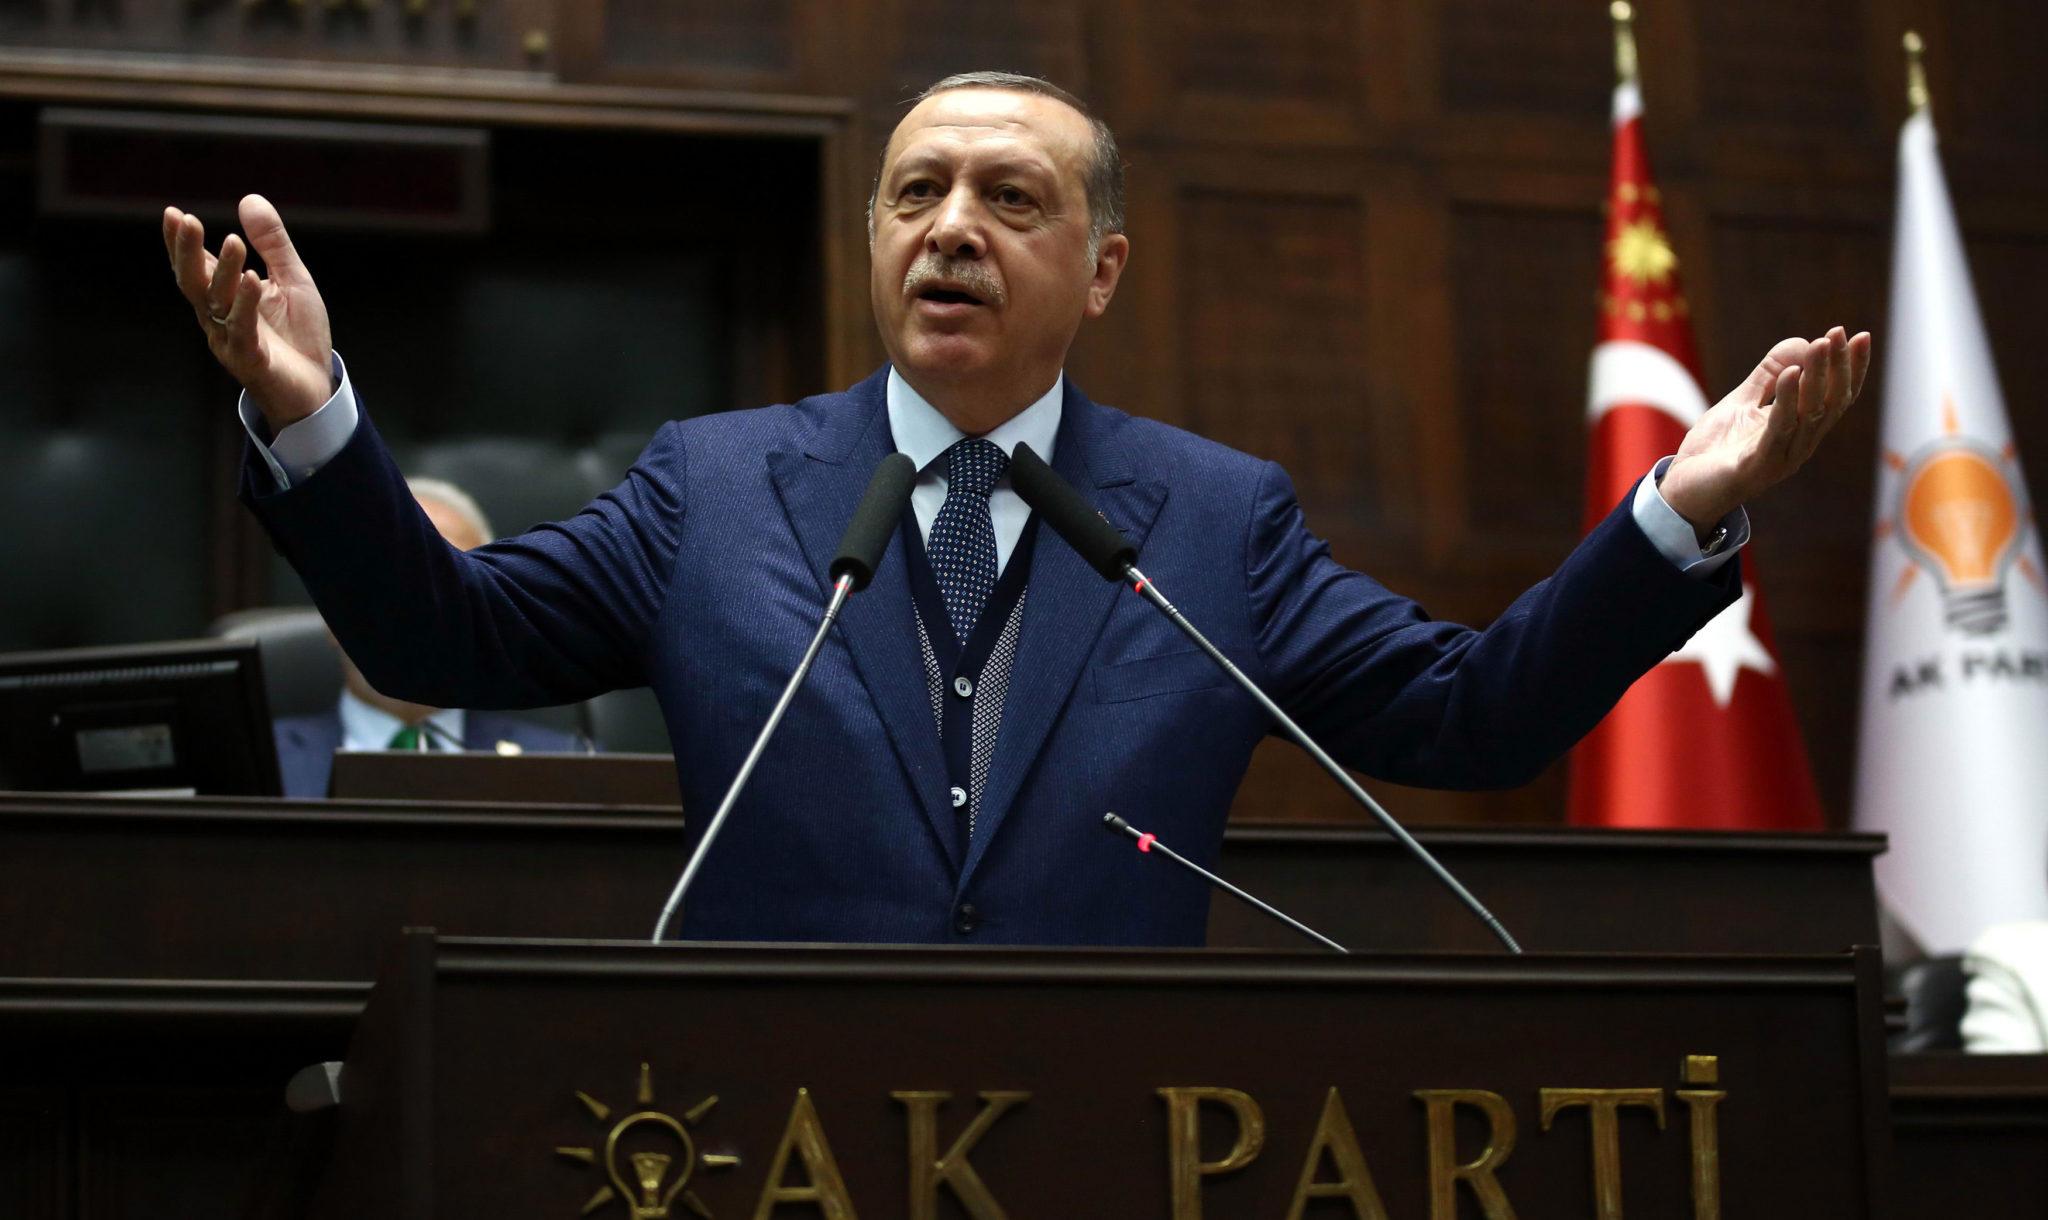 erdoganqatar-2048x1220.jpg?1